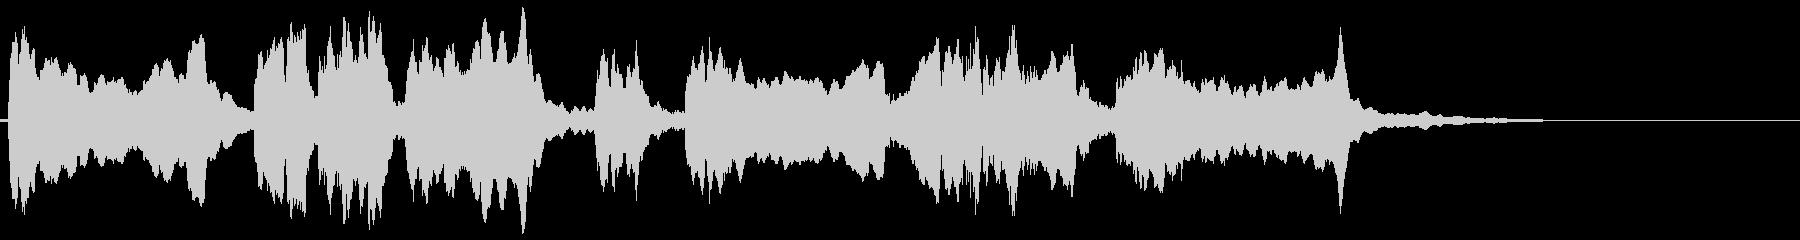 怪しいエスニックなバイオリンのフレーズ2の未再生の波形